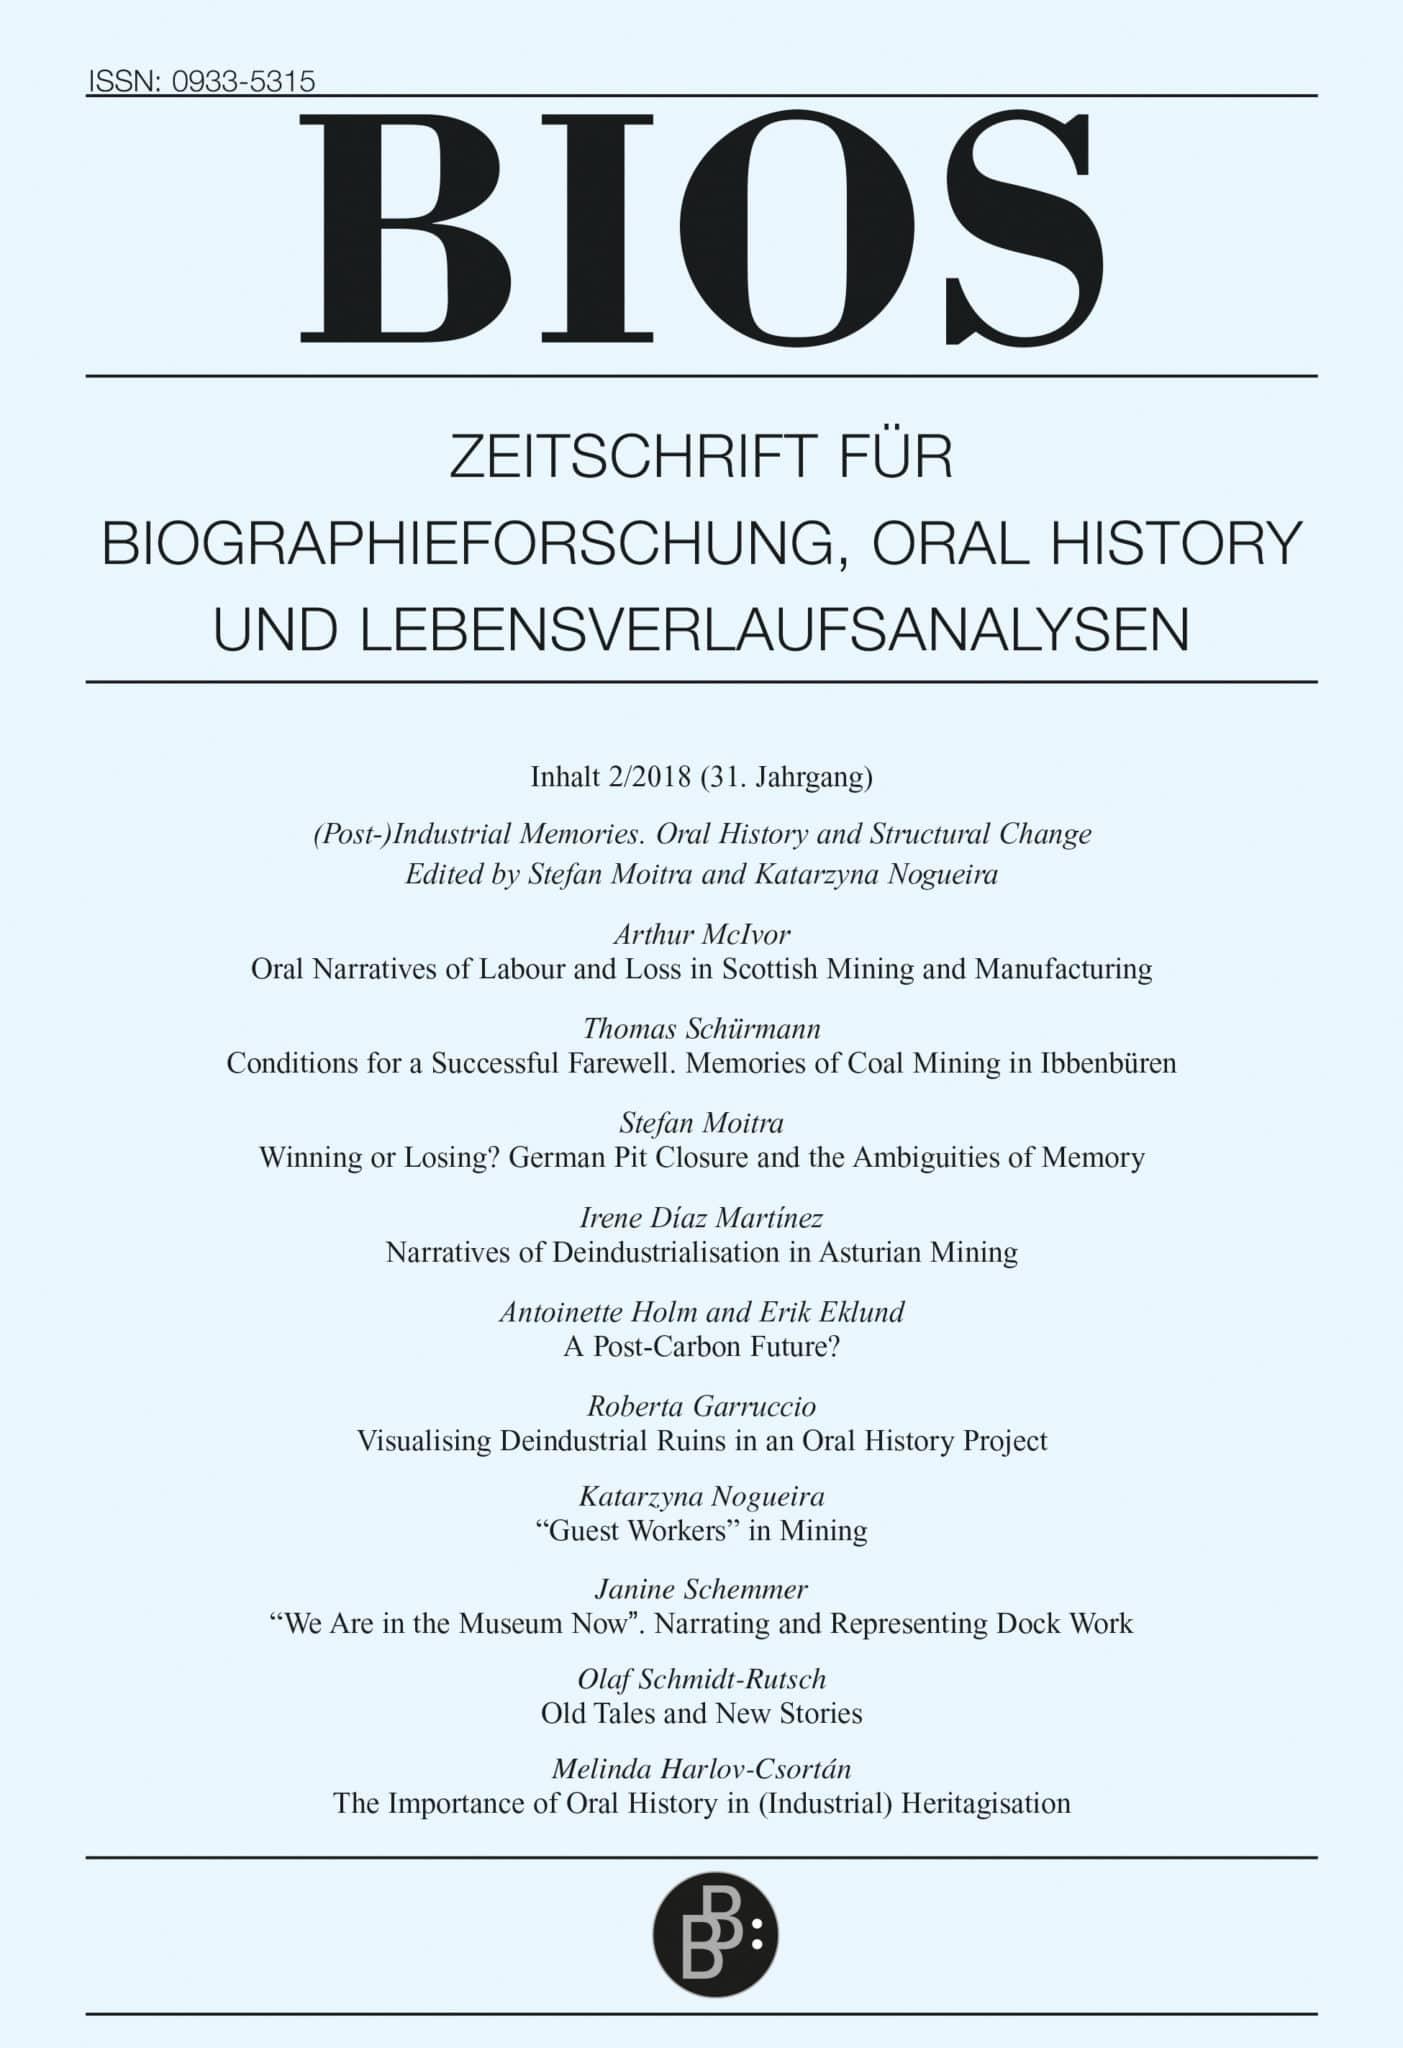 BIOS – Zeitschrift für Biographieforschung, Oral History und Lebensverlaufsanalysen 2-2018: